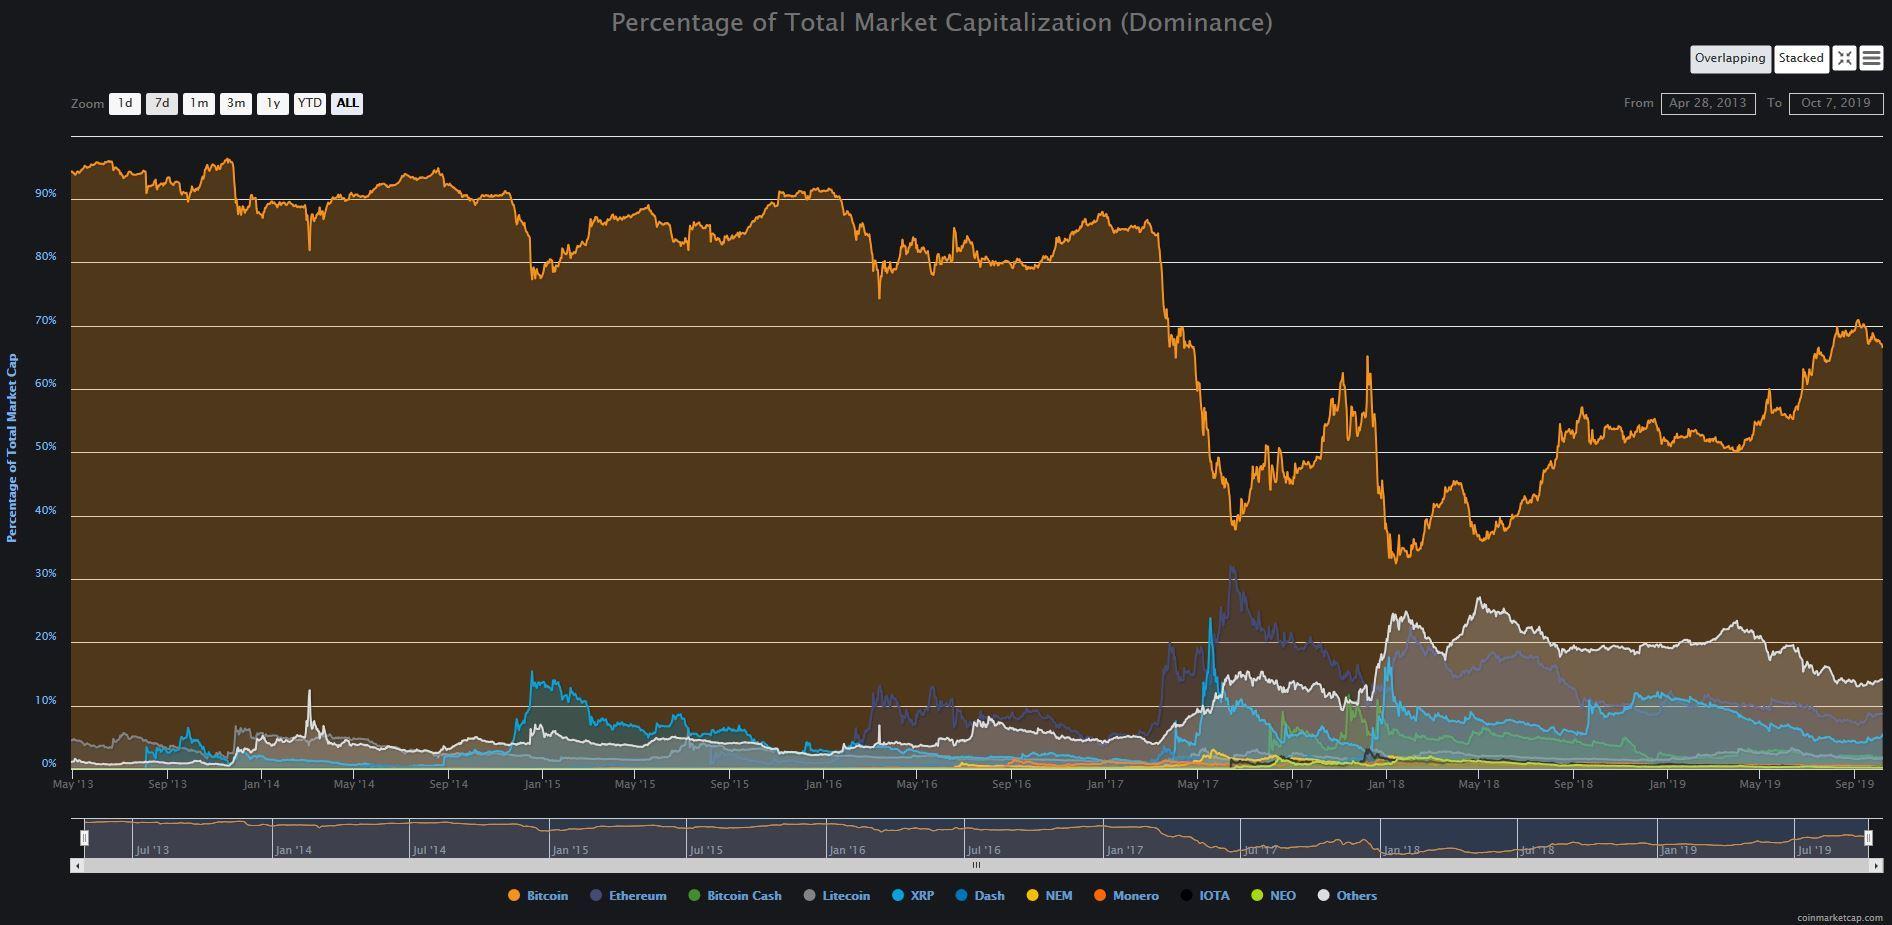 dominance btc, altcoiny, oživení, bitcoin